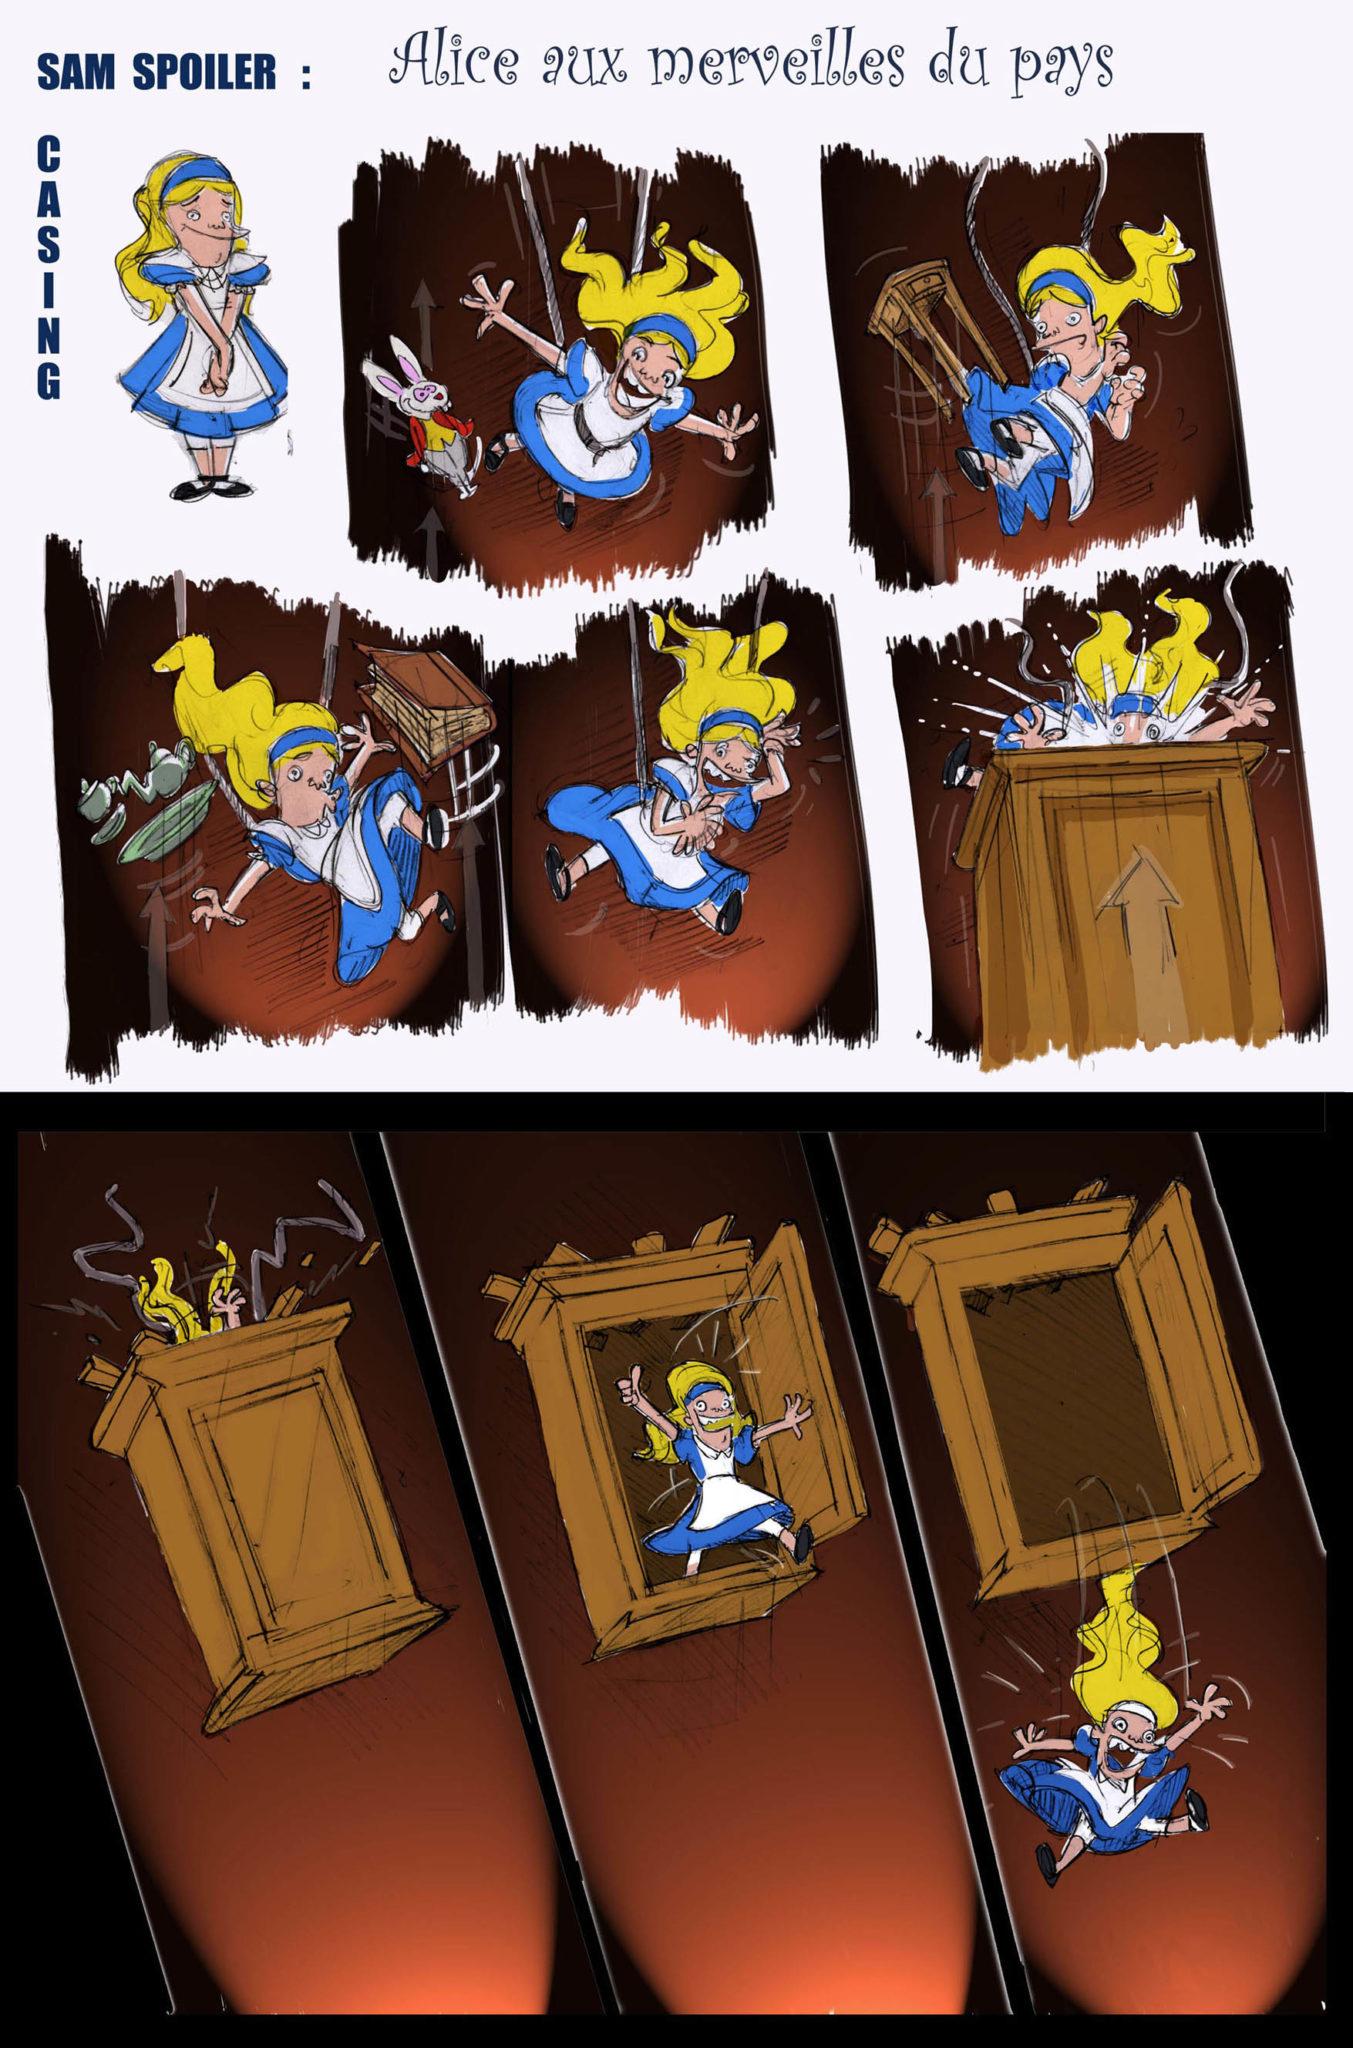 Alice couleur et titre 2 pages